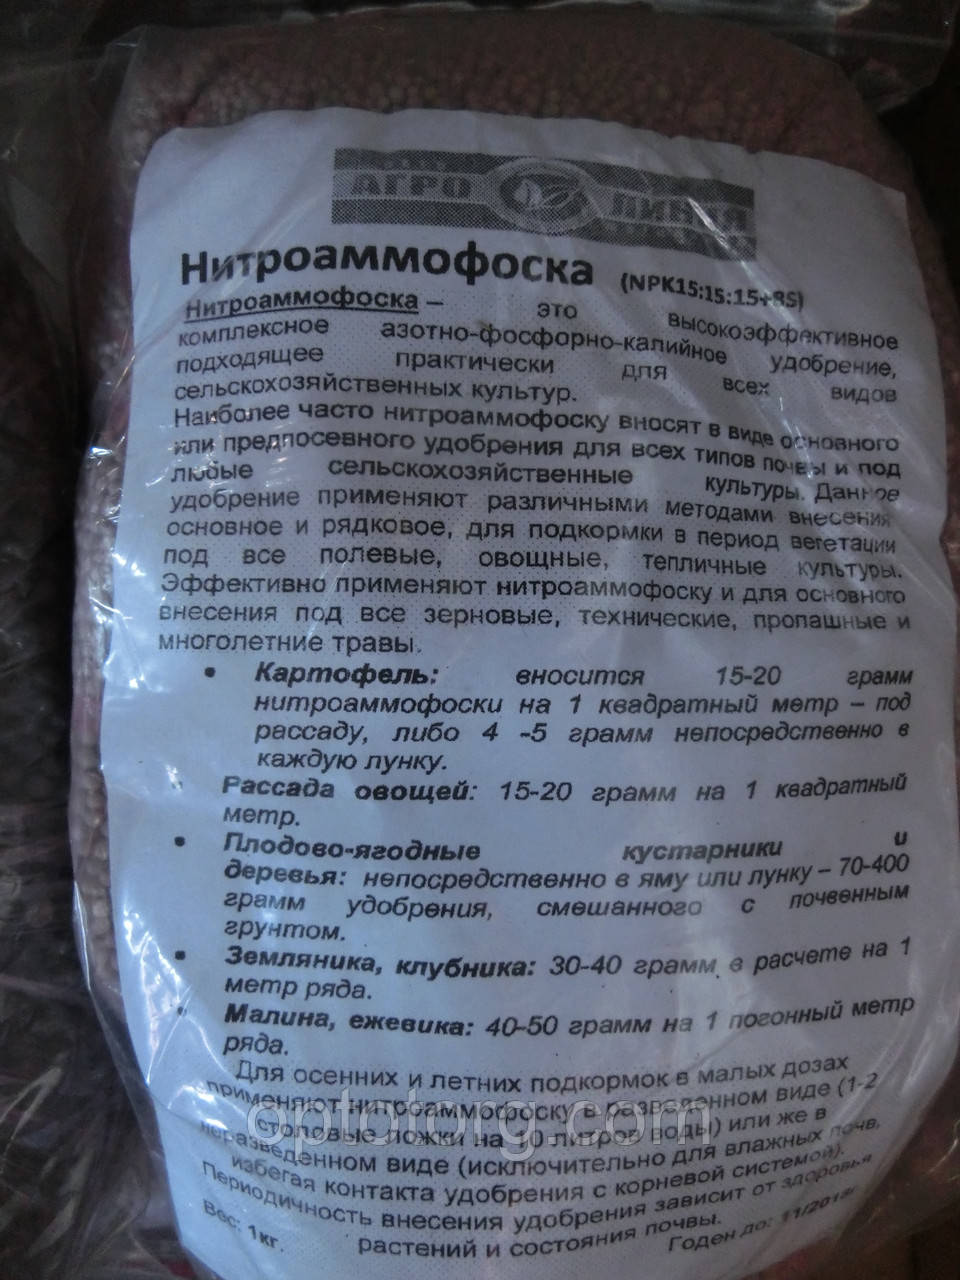 Удобрение Нитроаммофоска 1 кг